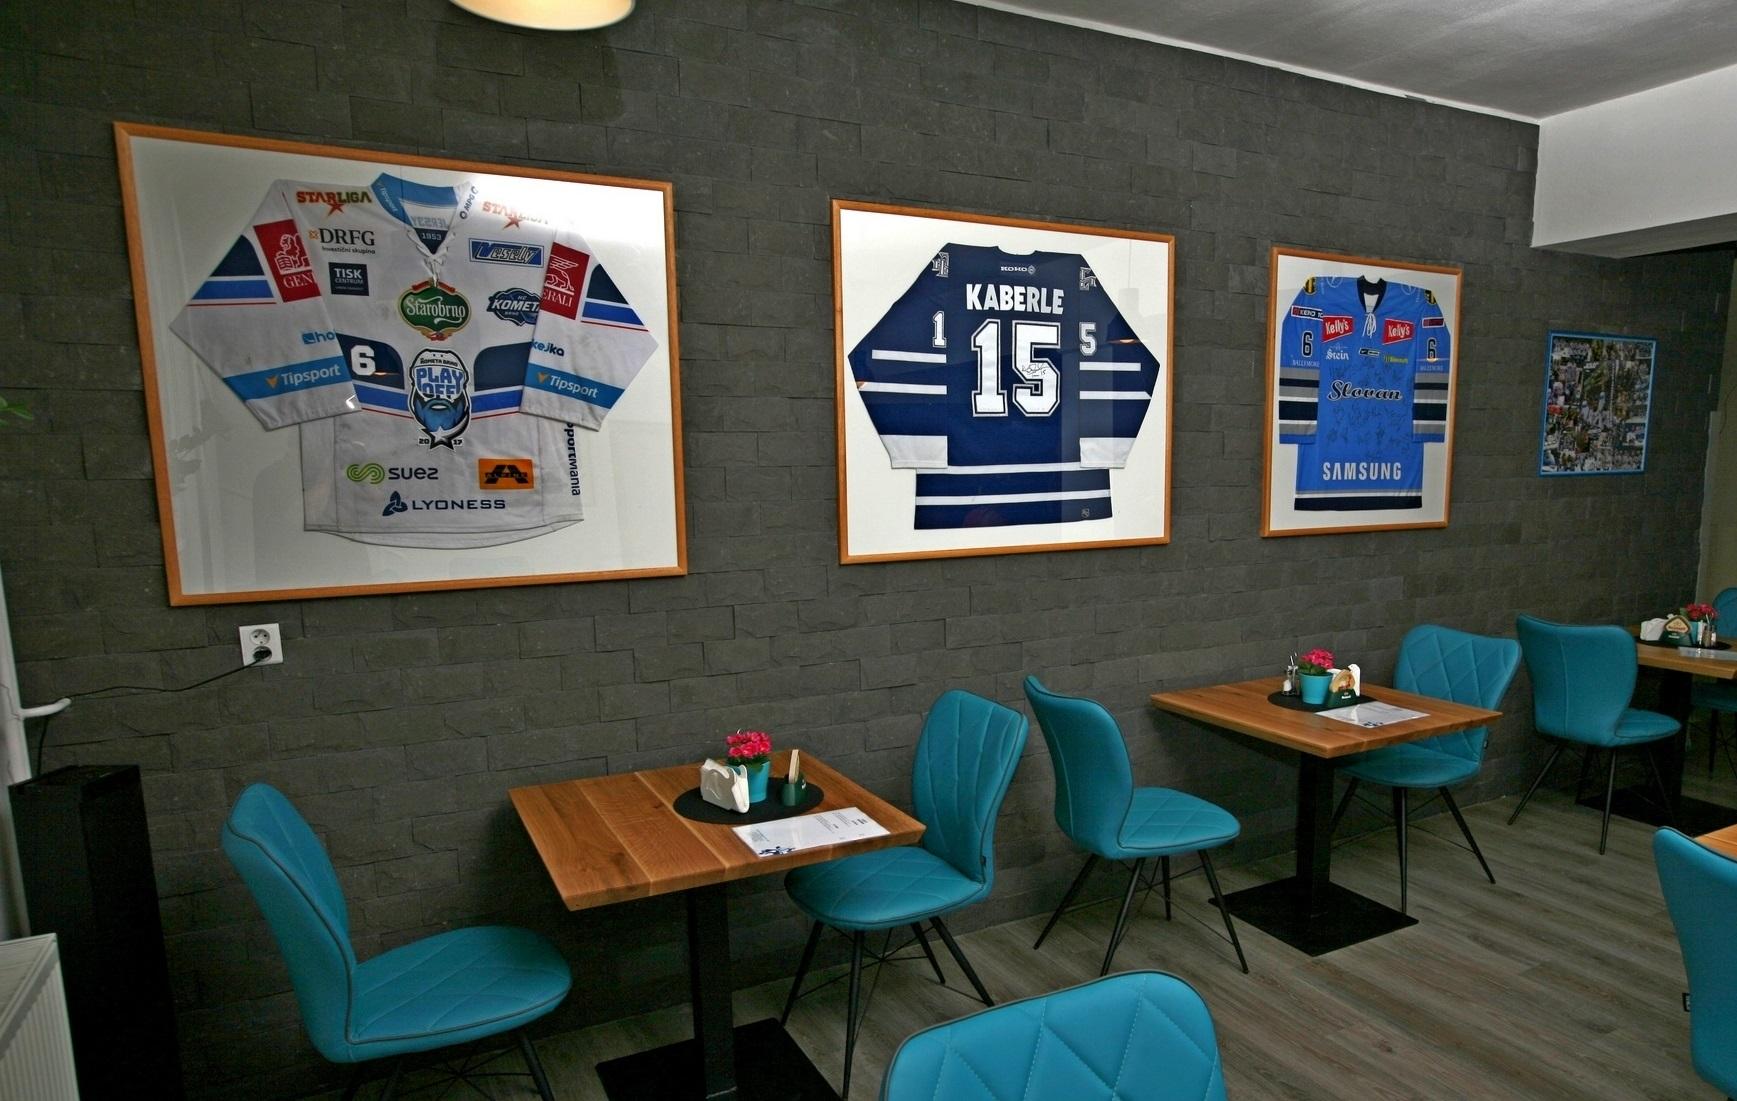 c51bc0493bdb Príďte si po zážitok do hokejovej re - Katalóg firiem